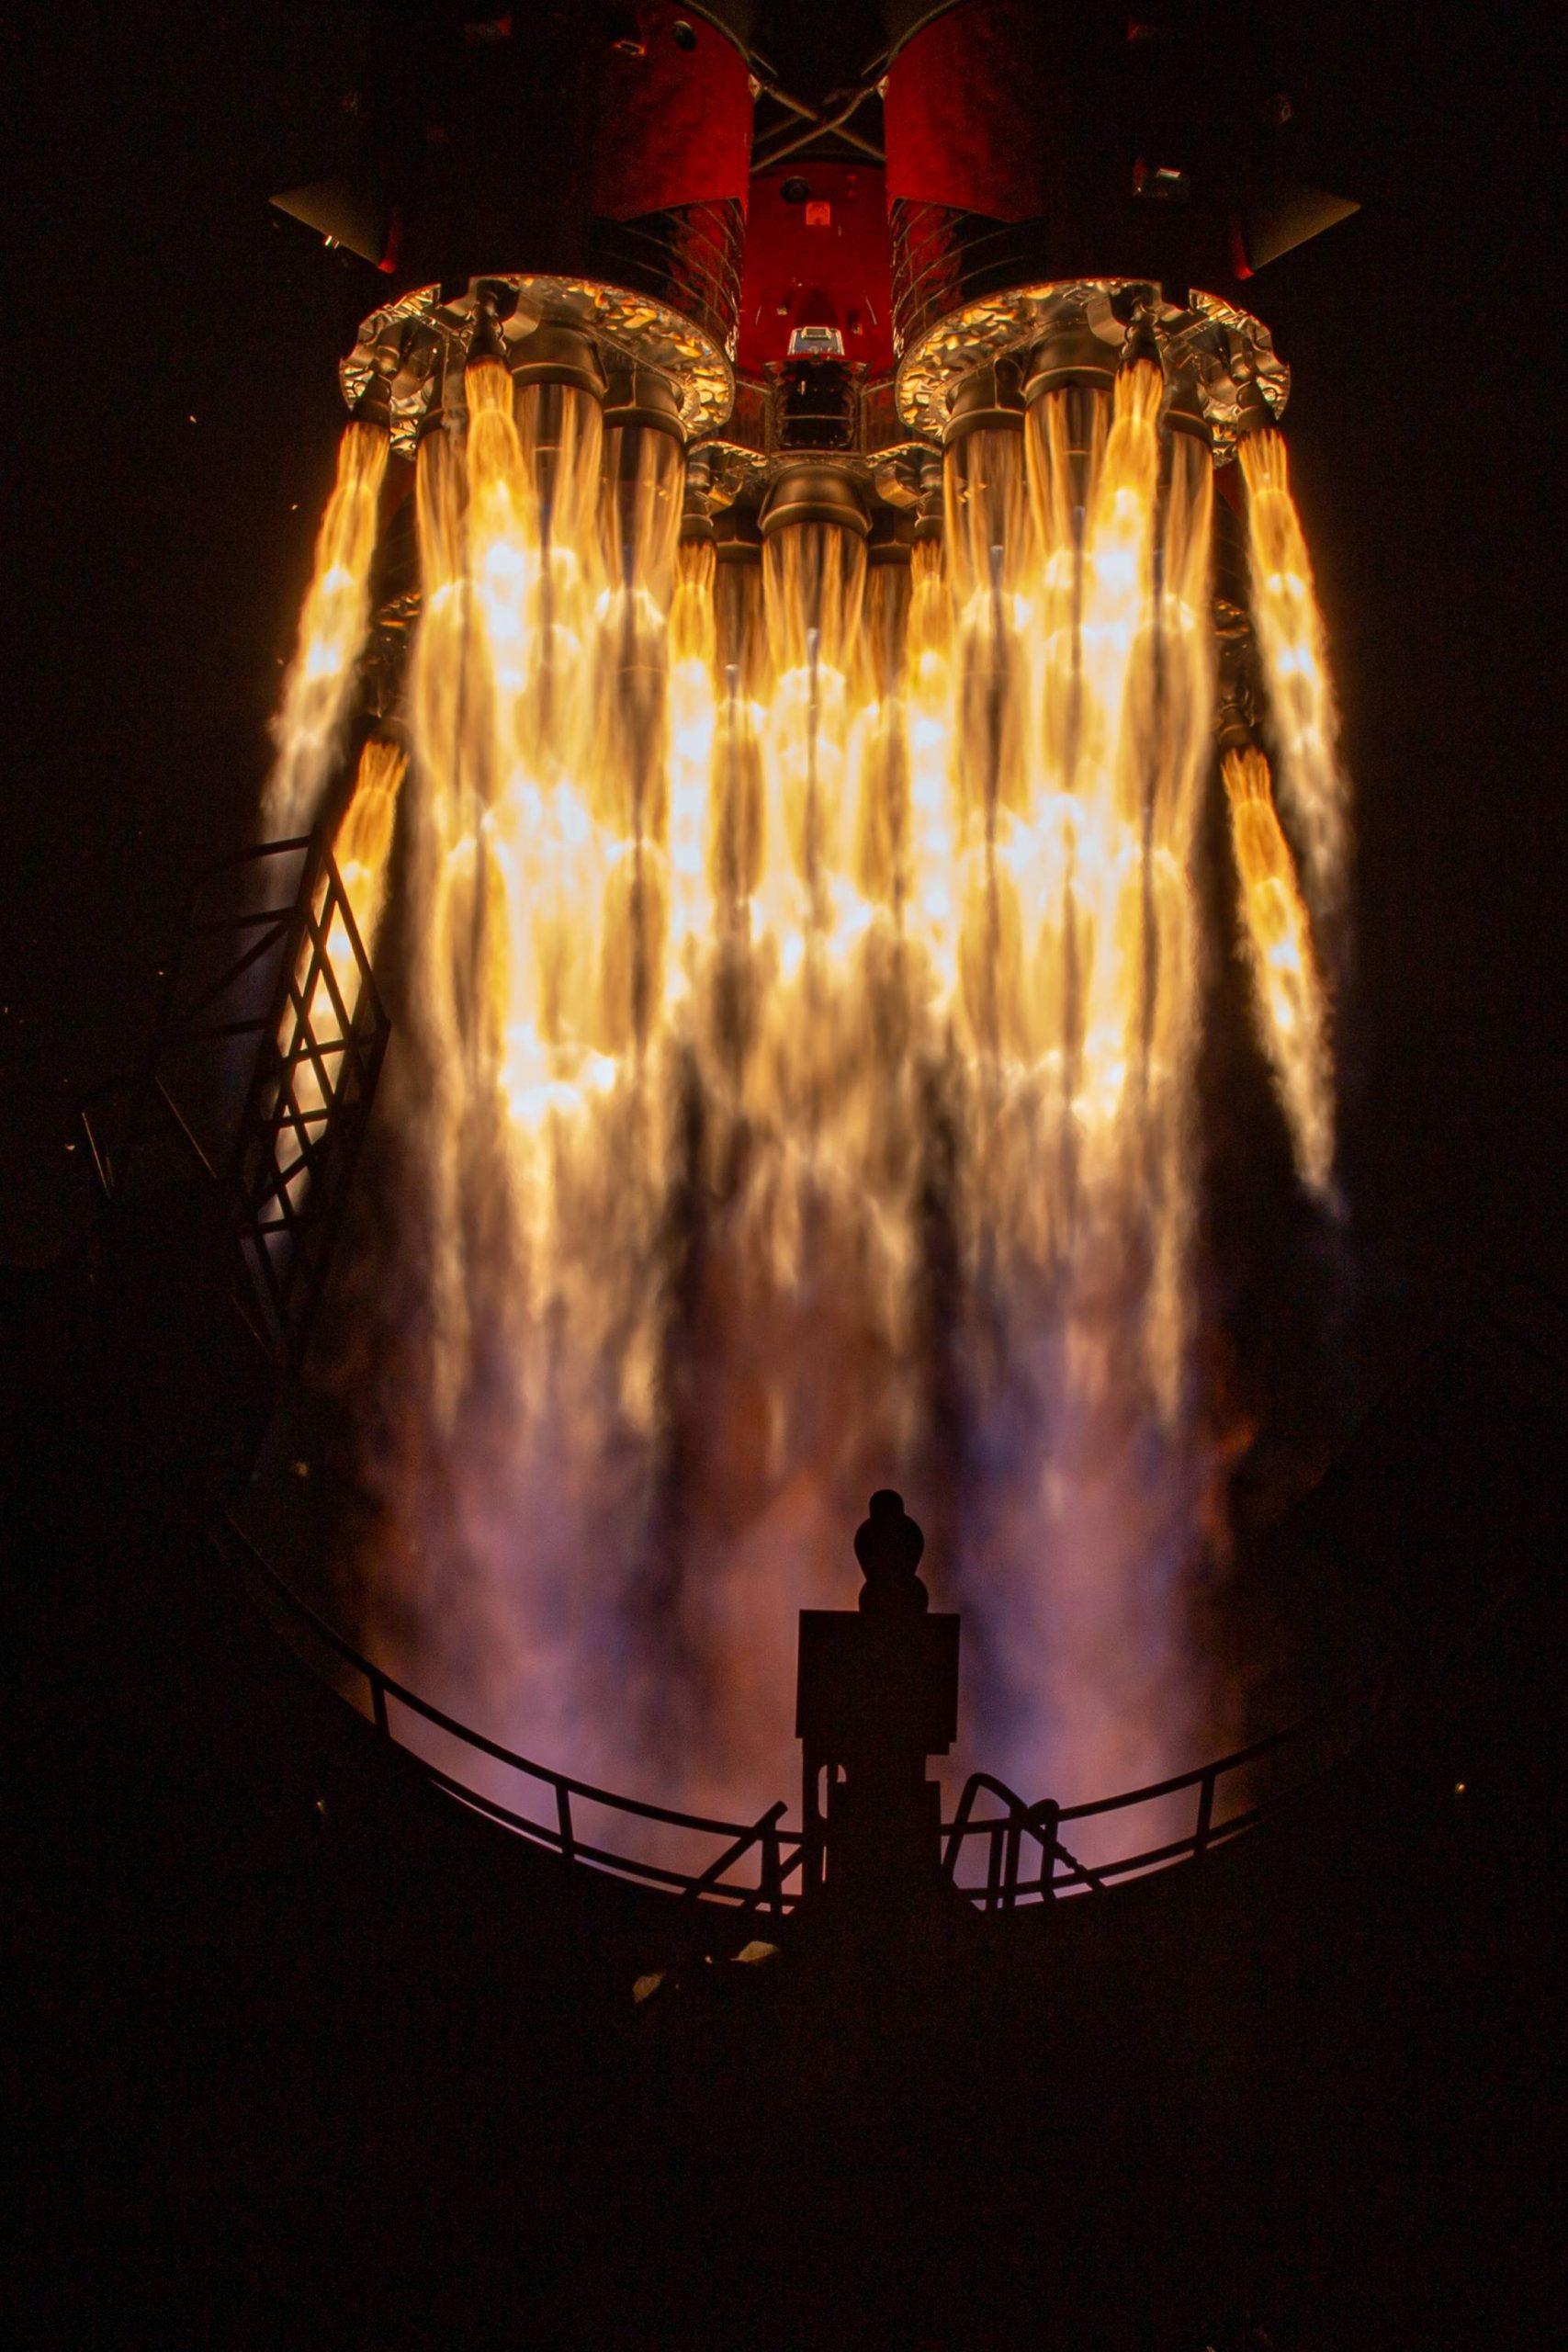 Les gaz chauds du lanceur Soyouz 2.1b au décollage.